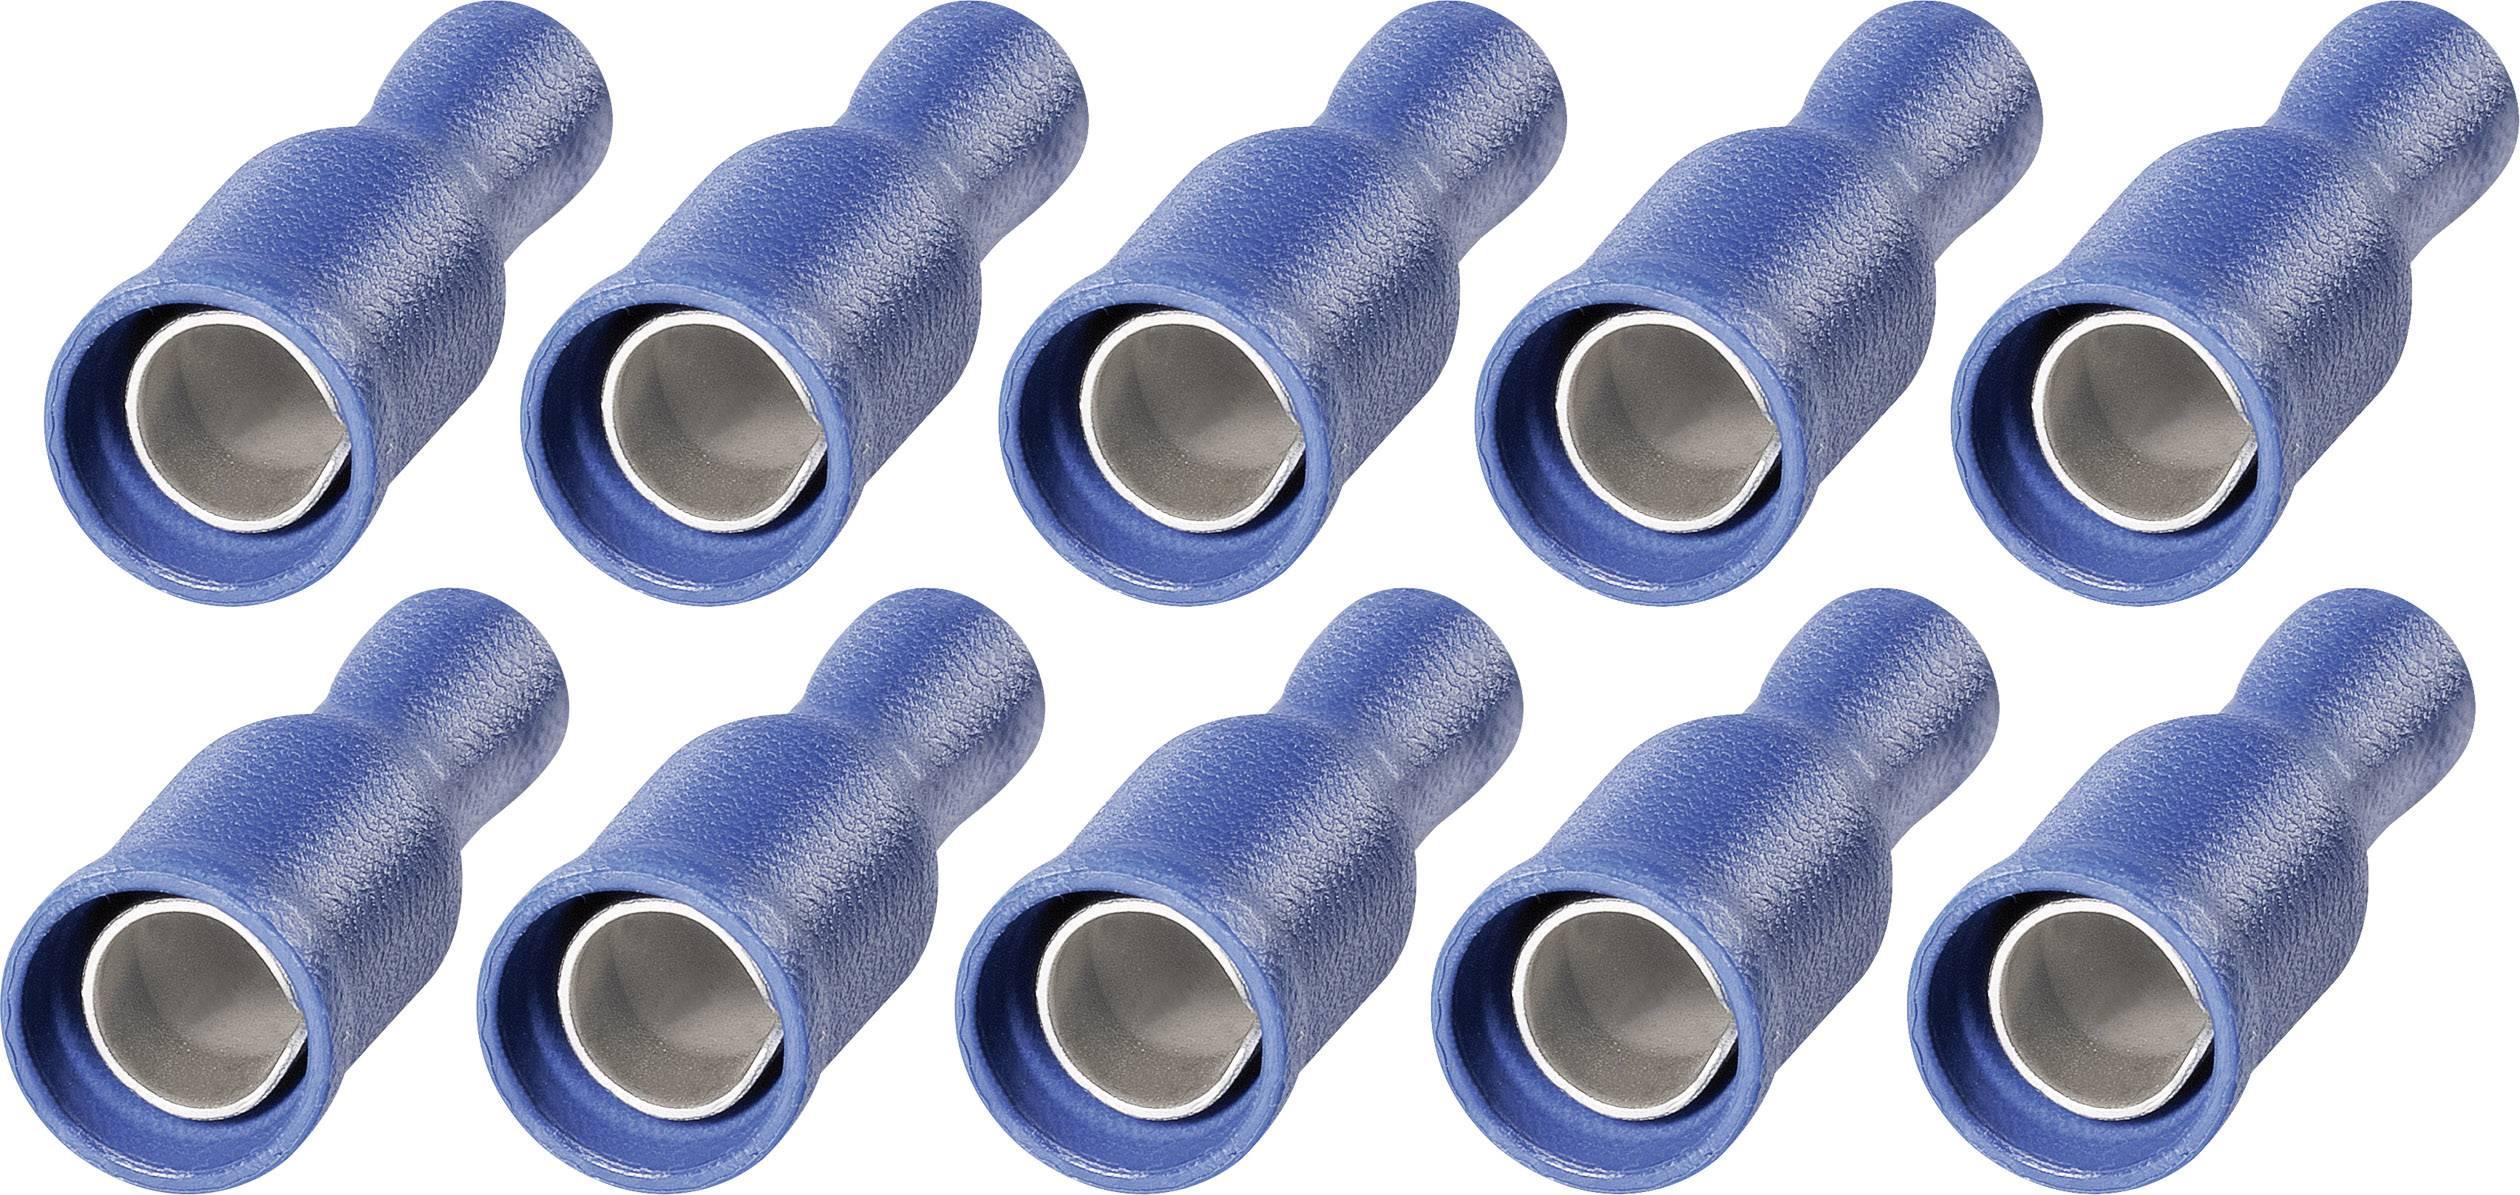 Sada dutinkových upevnení faston s PVC izoláciou na kábel RRP 5-2,5, 5 mm, 1,5 - 2,5 mm² ,modrá, 10 ks